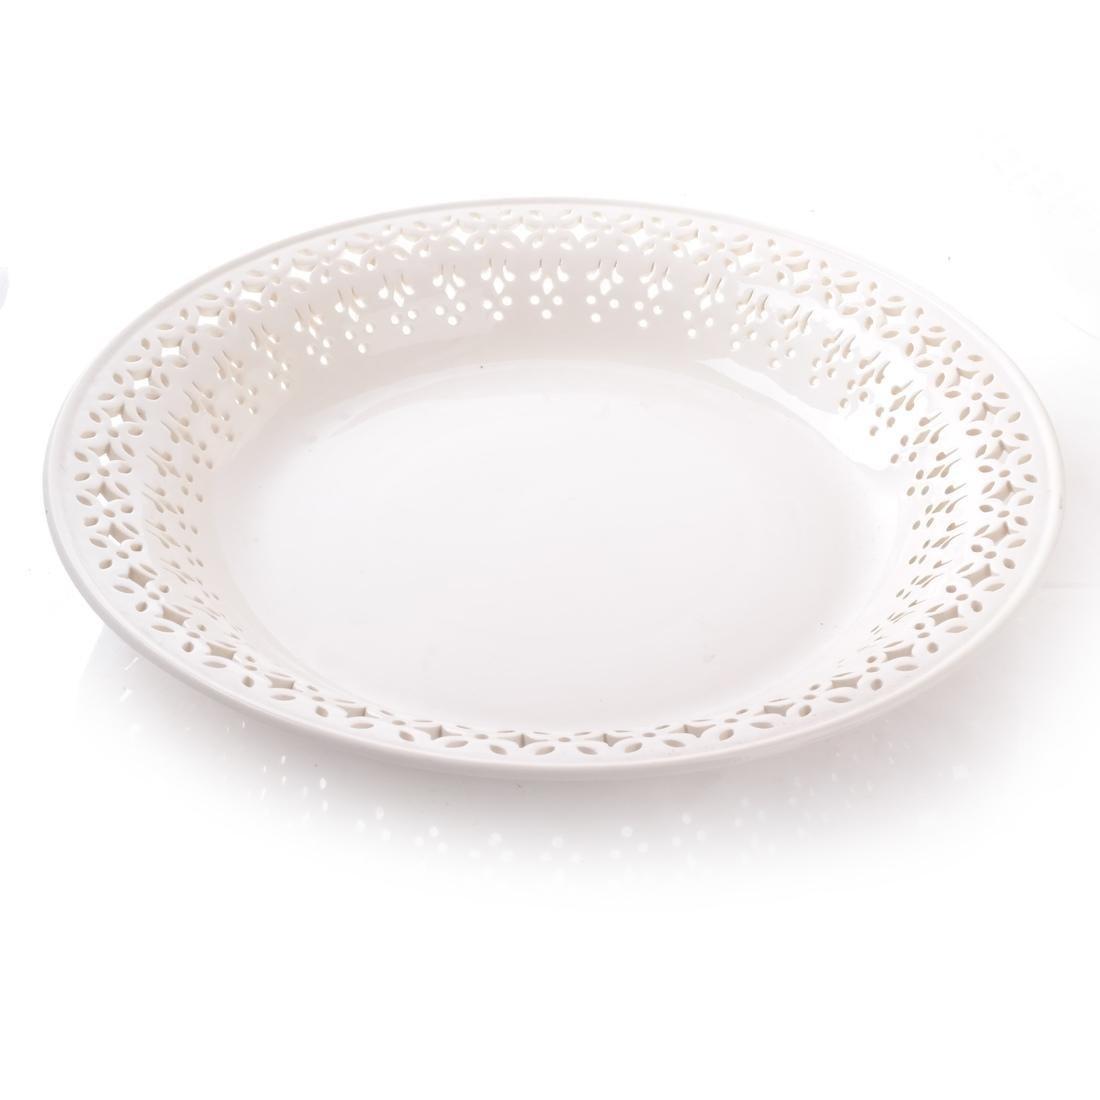 Leedsware, England: Porcelain Tureen & Underplate - 4